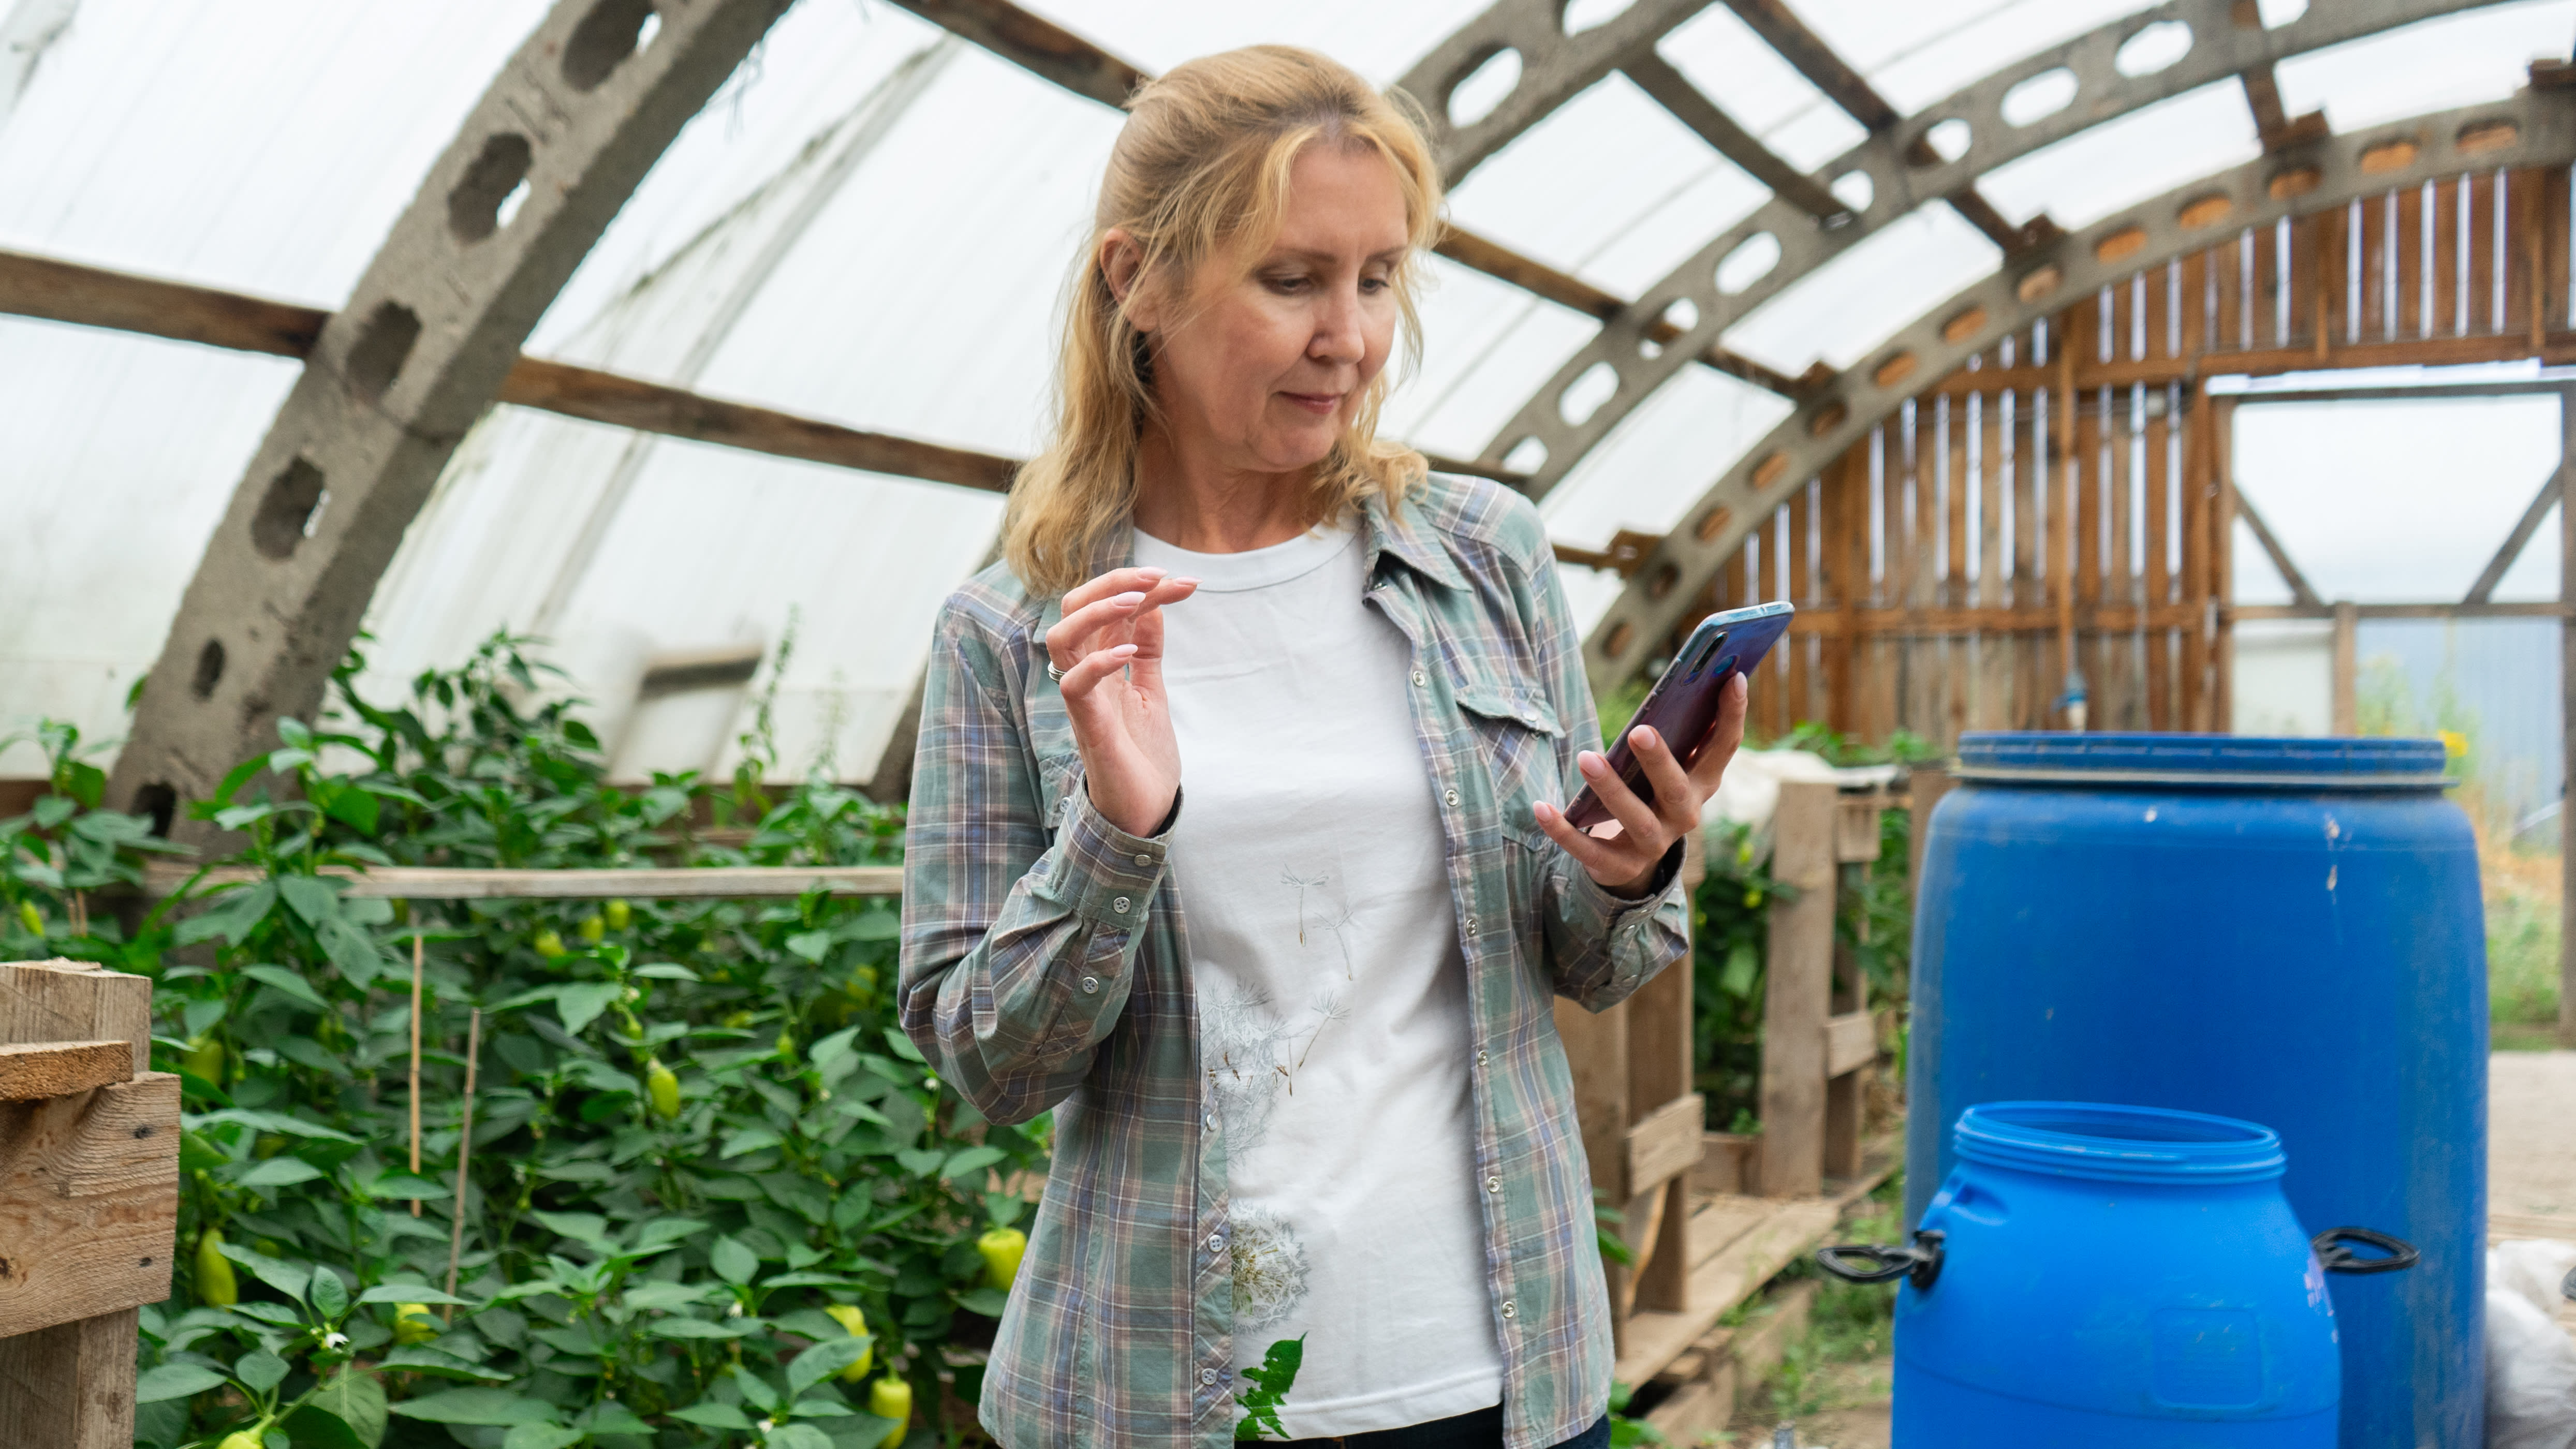 Nainen katsoo kännykkäänsä kasvihuoneessa.